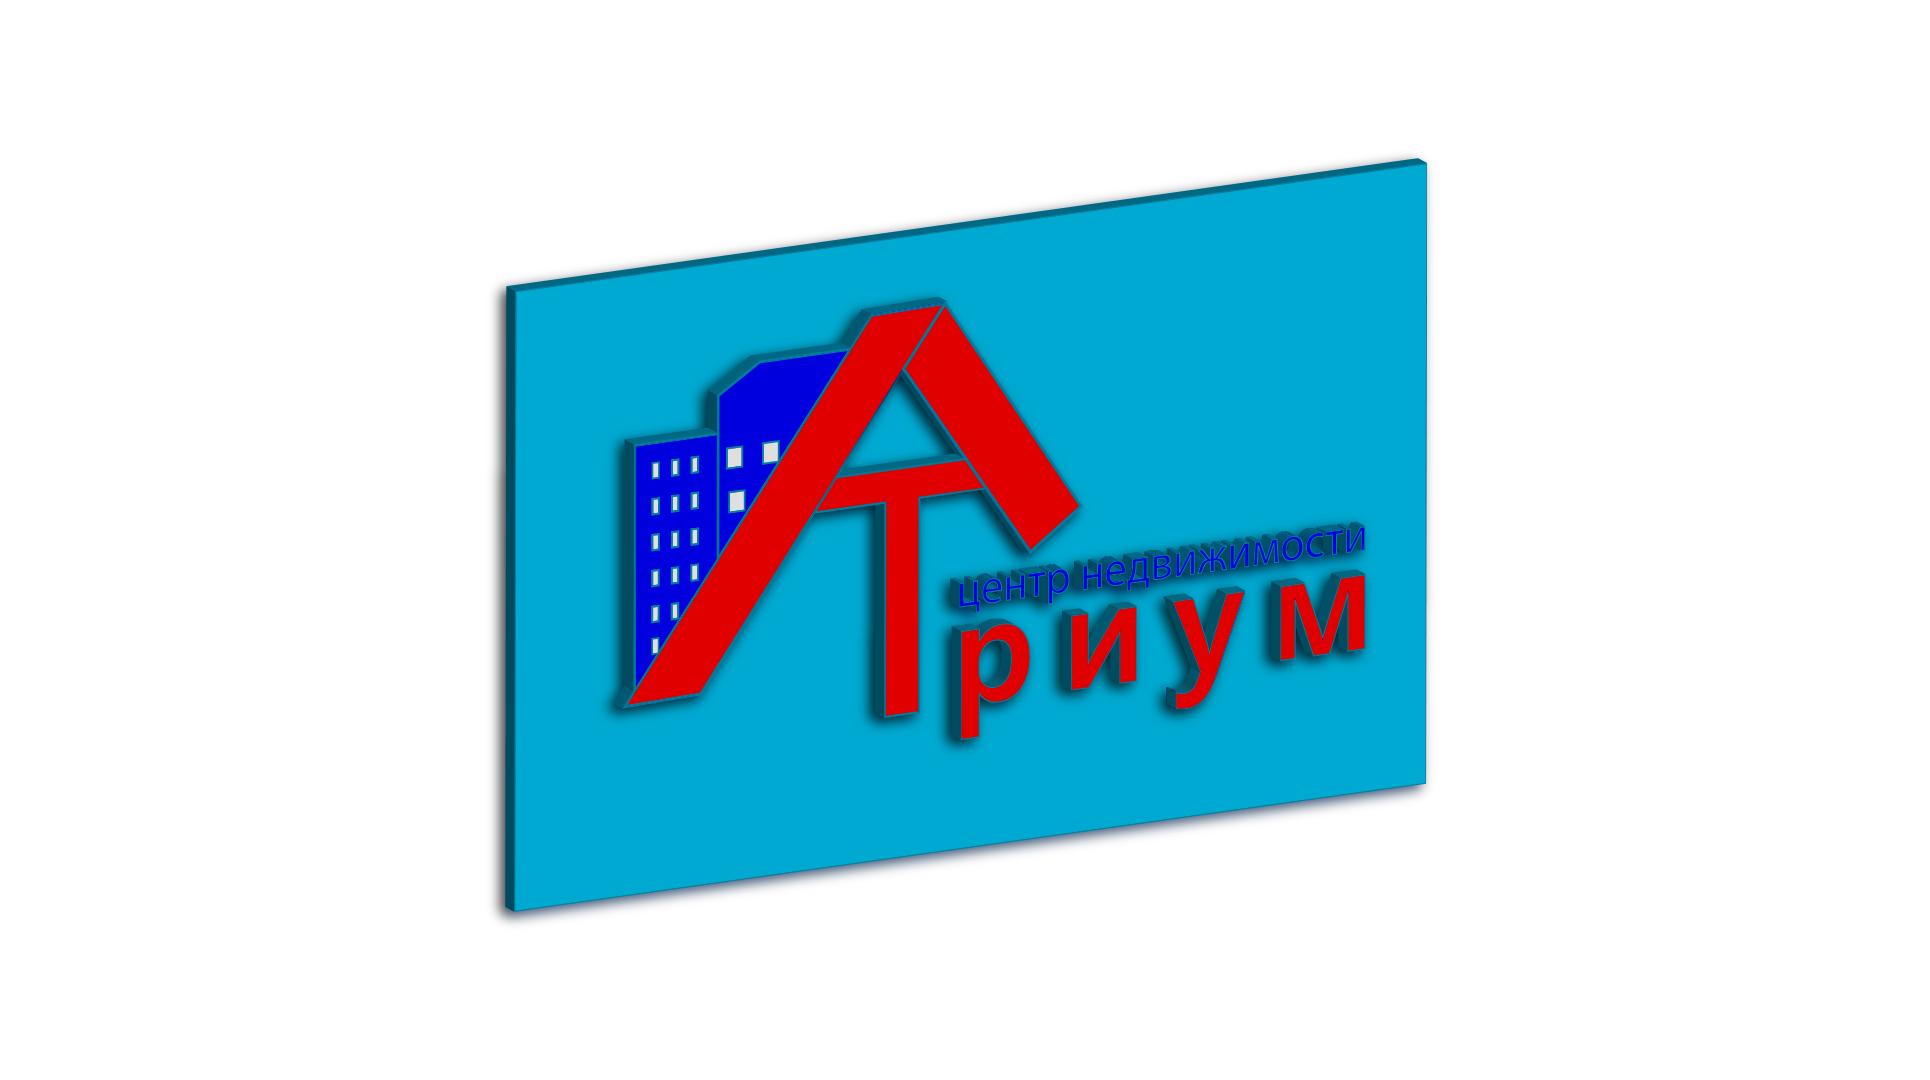 Редизайн / модернизация логотипа Центра недвижимости фото f_2645bc3dda400793.jpg